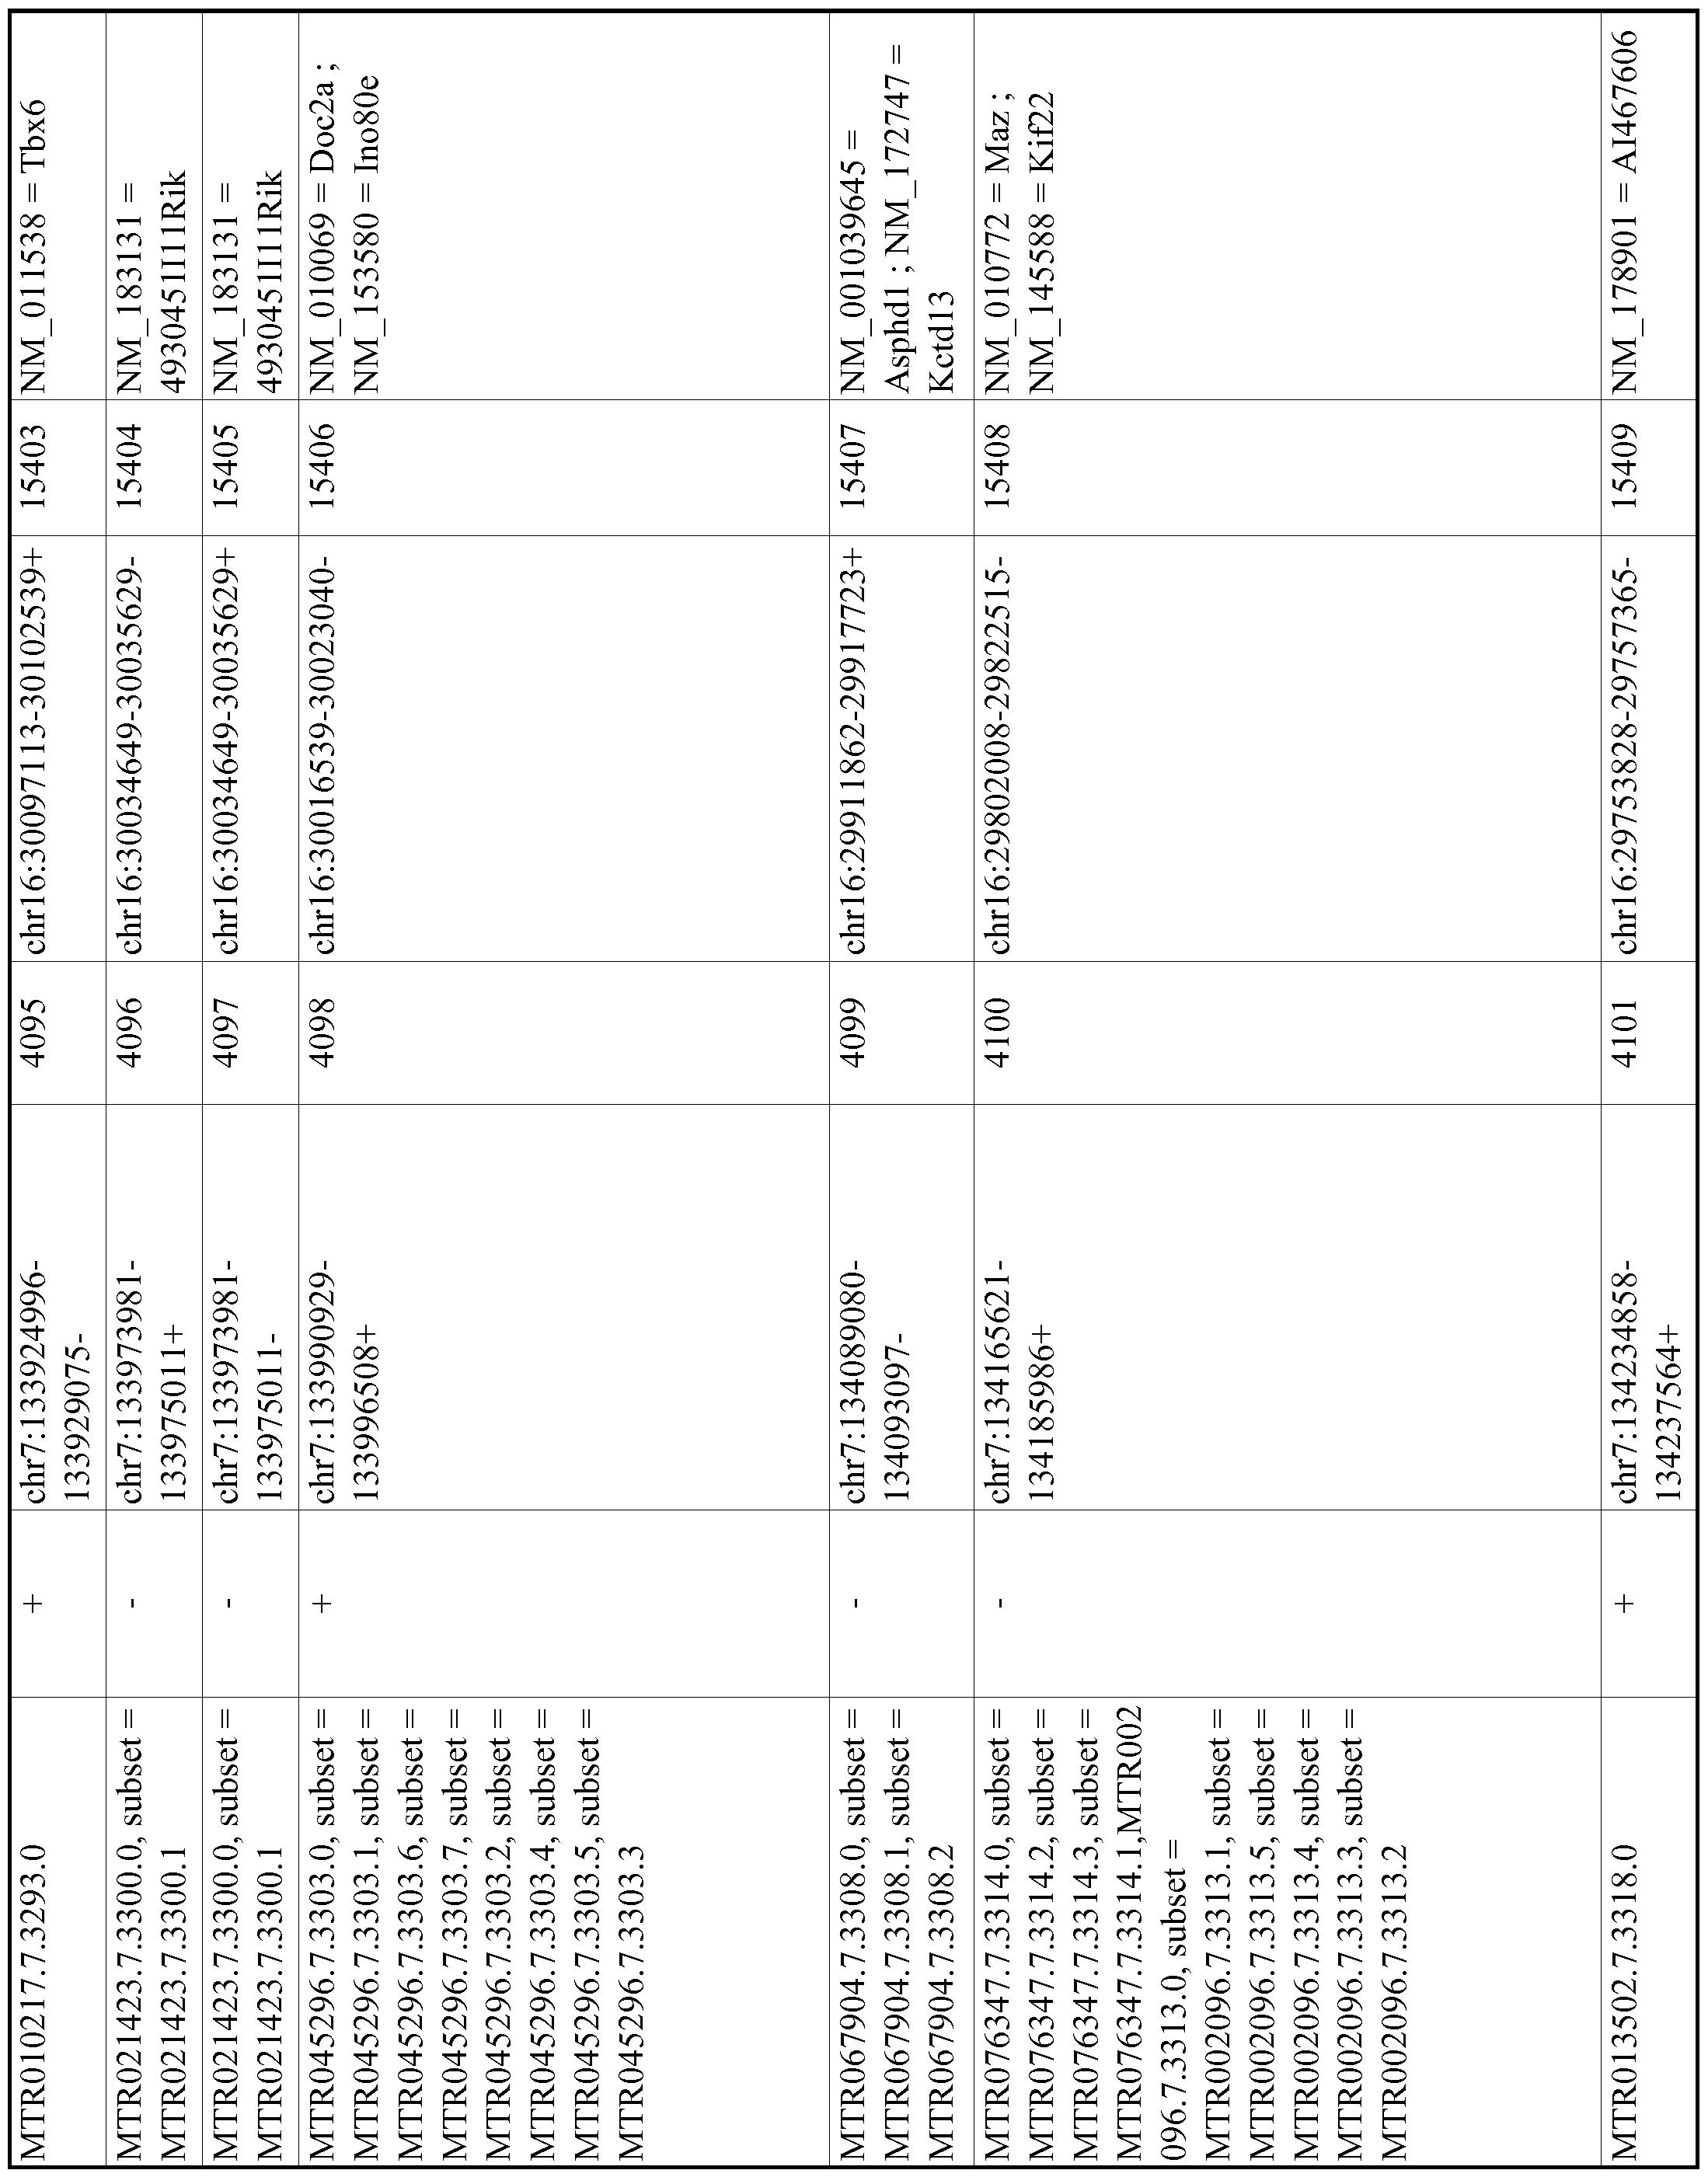 Figure imgf000775_0001